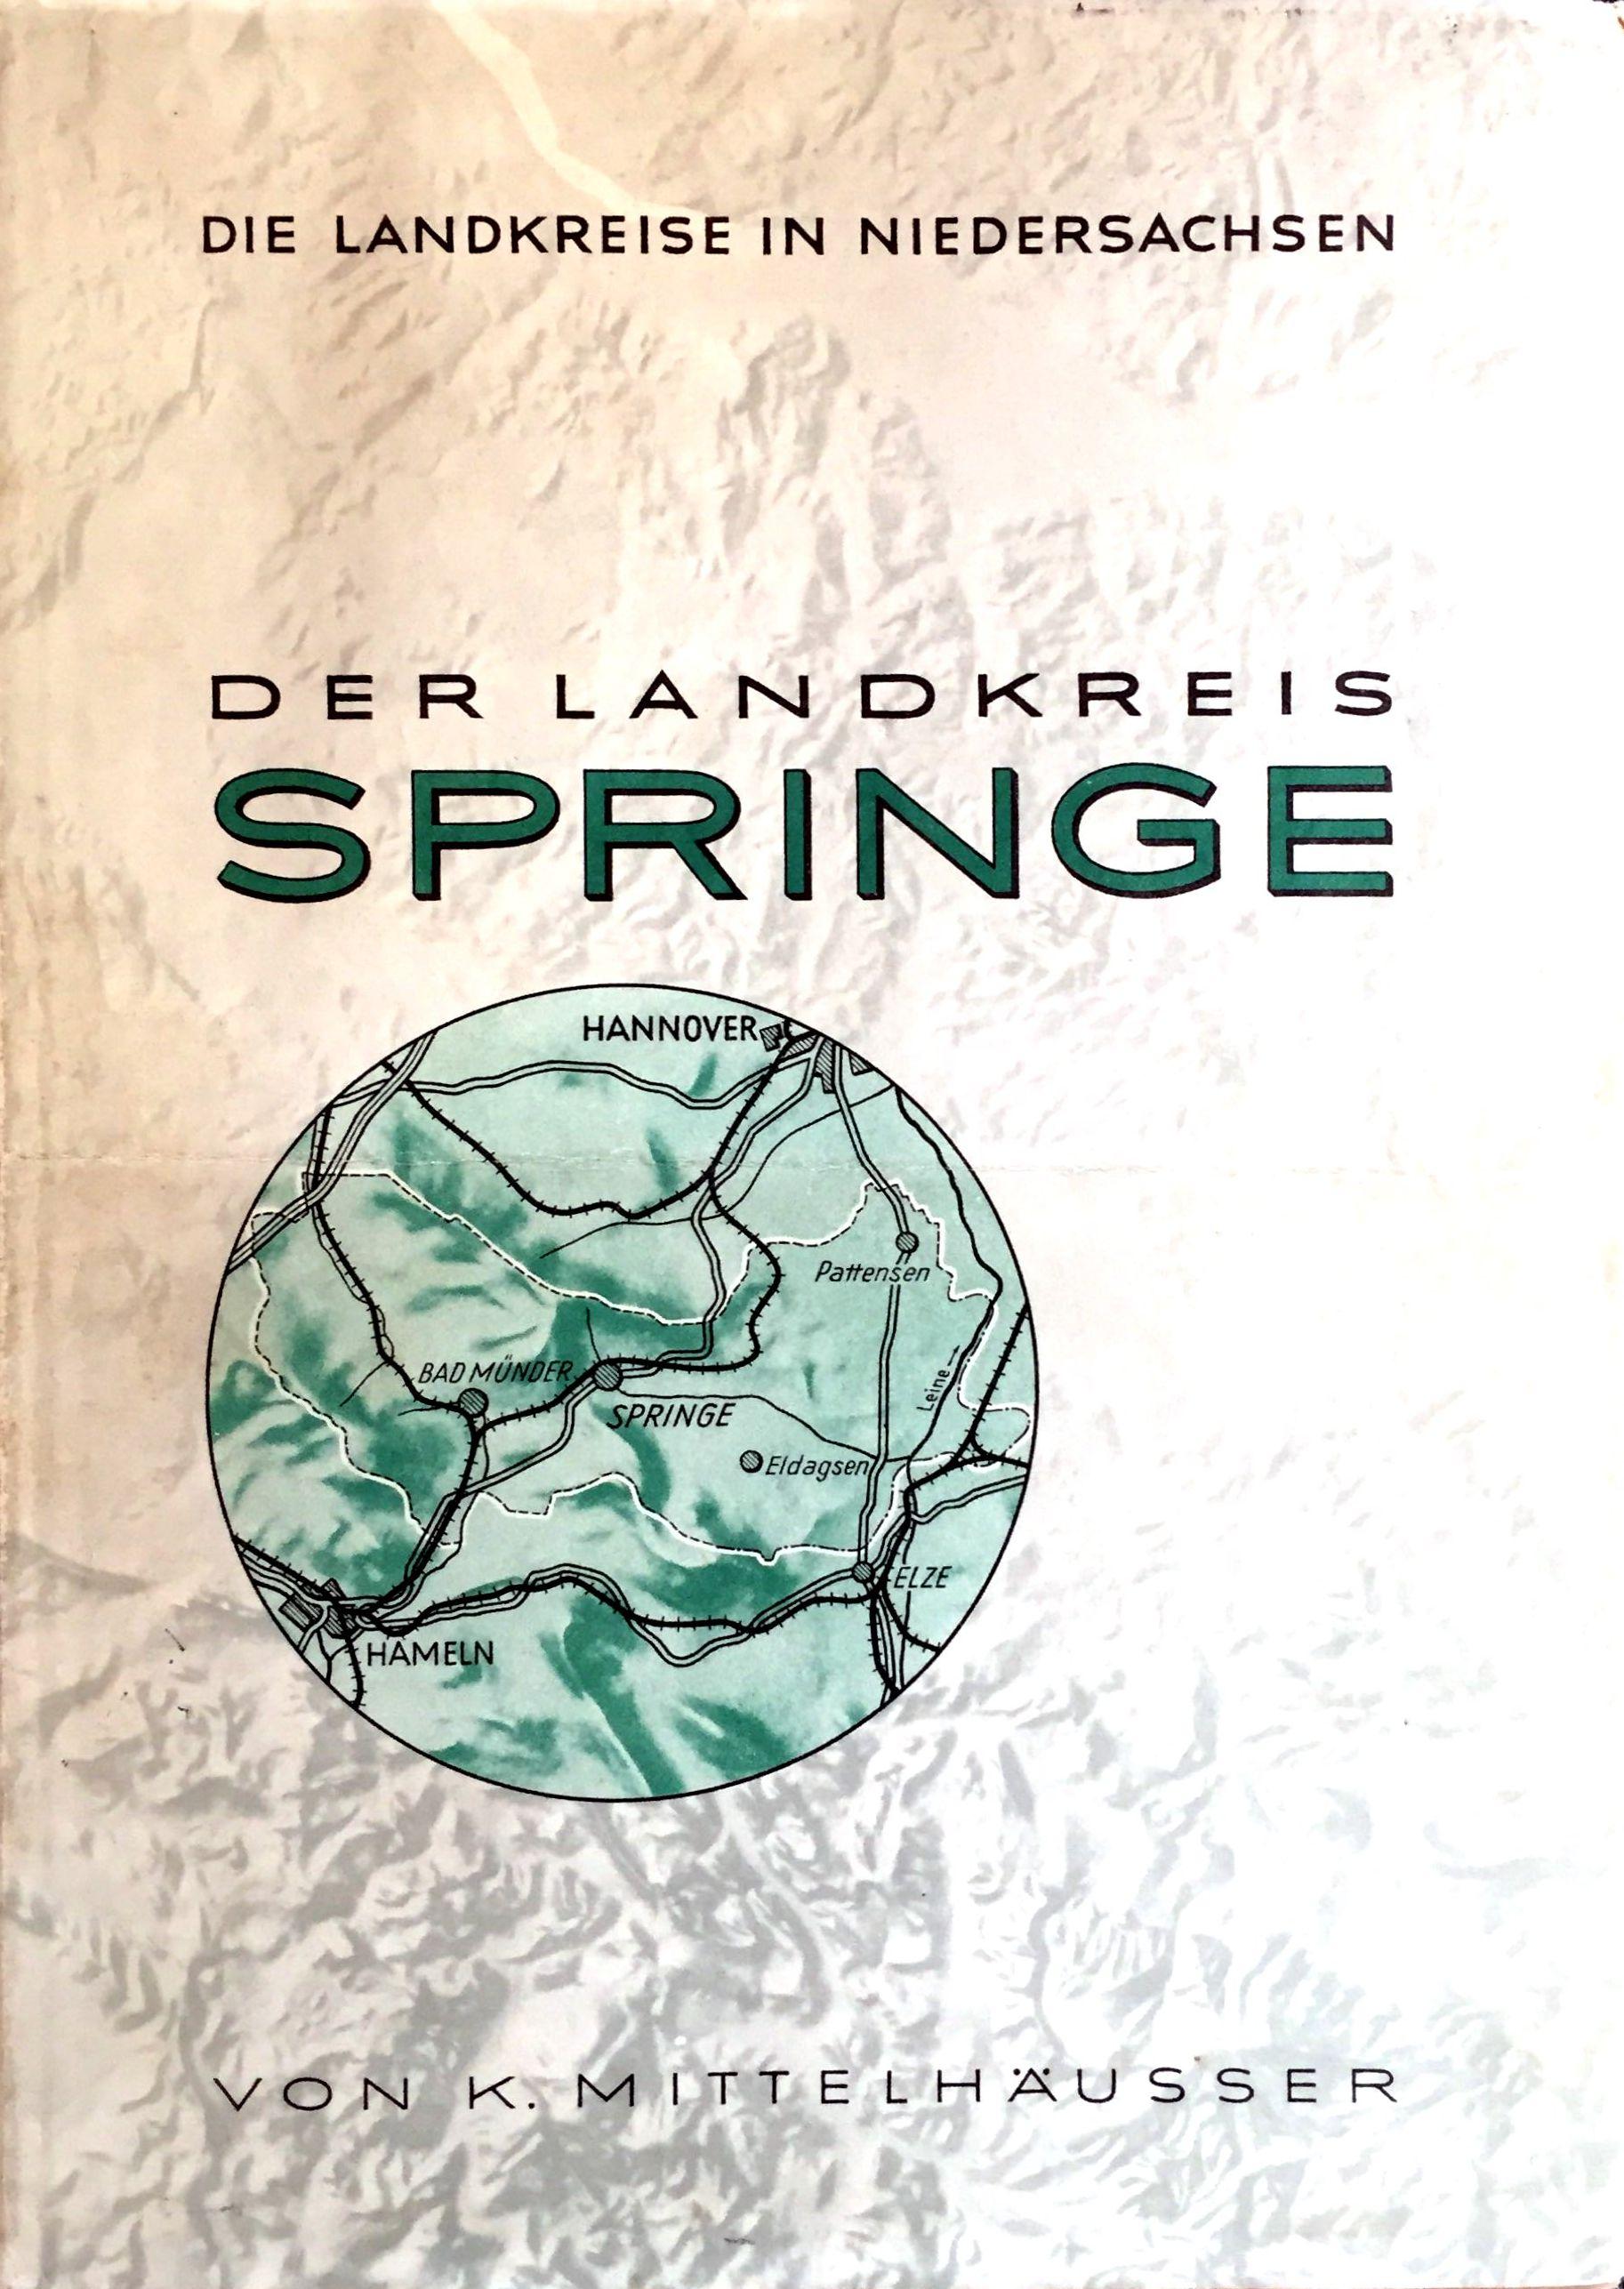 Der Landkreis Springe Die Landkreise In Niedersachsen Reihe D Band 6 By Bruning Kurt K Mittelhausser Halbleinen 1951 Antiquariat Rudloff